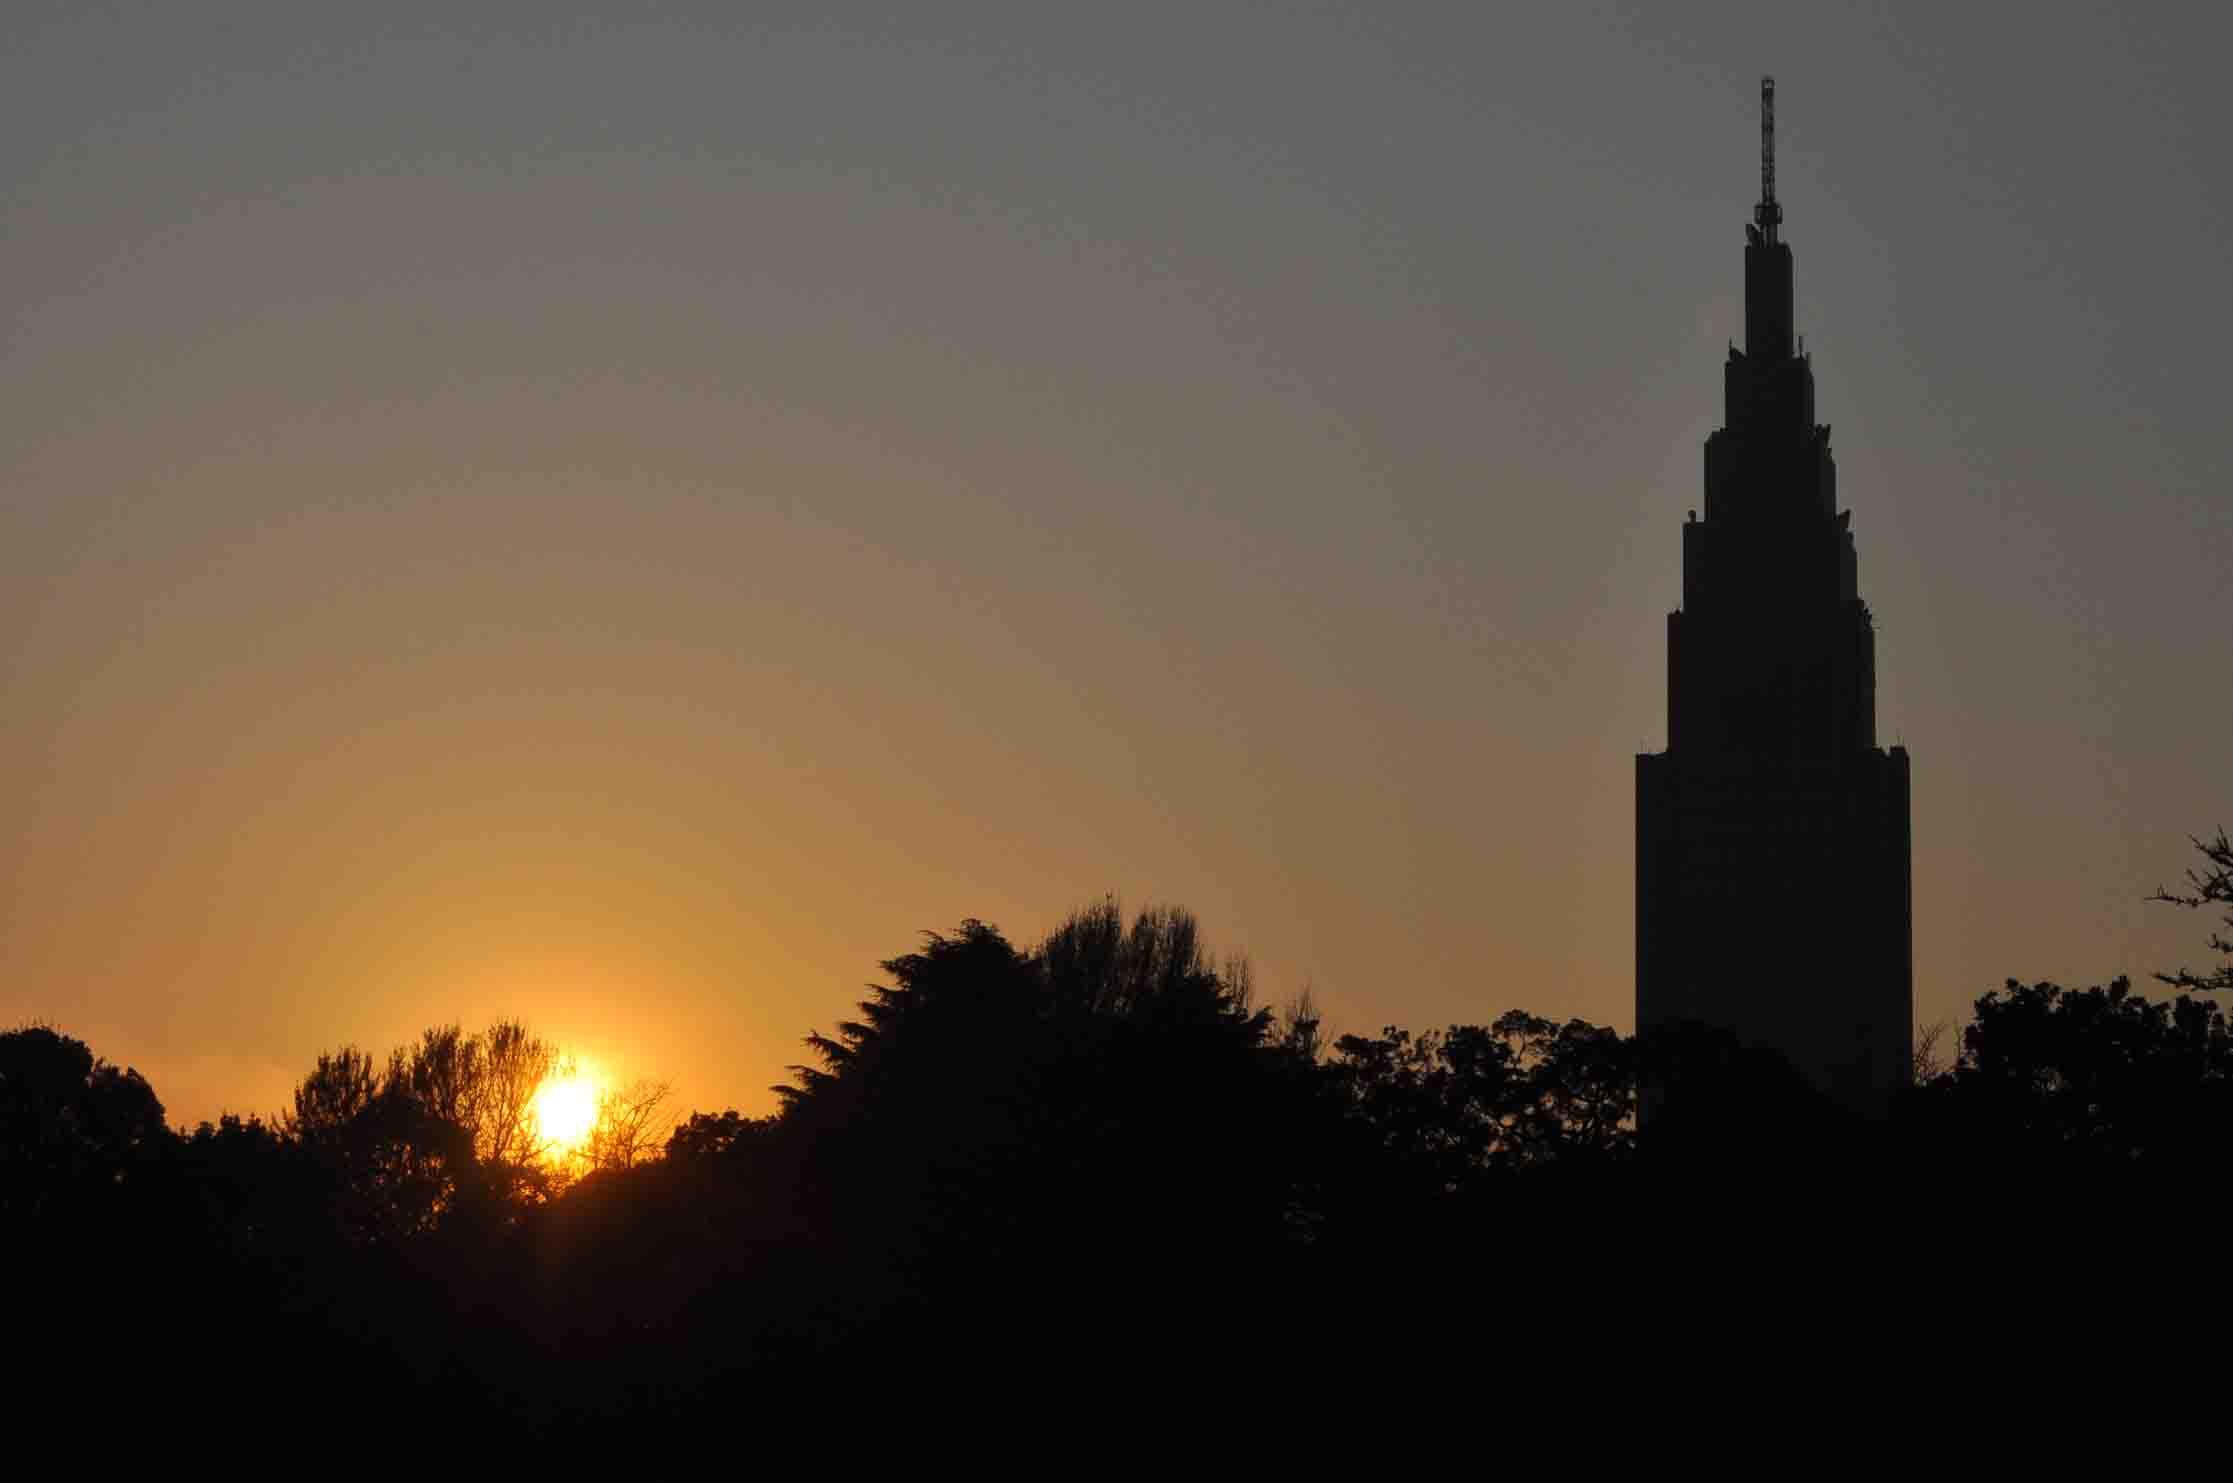 DSC_2793A「夕陽と塔のシルエット」